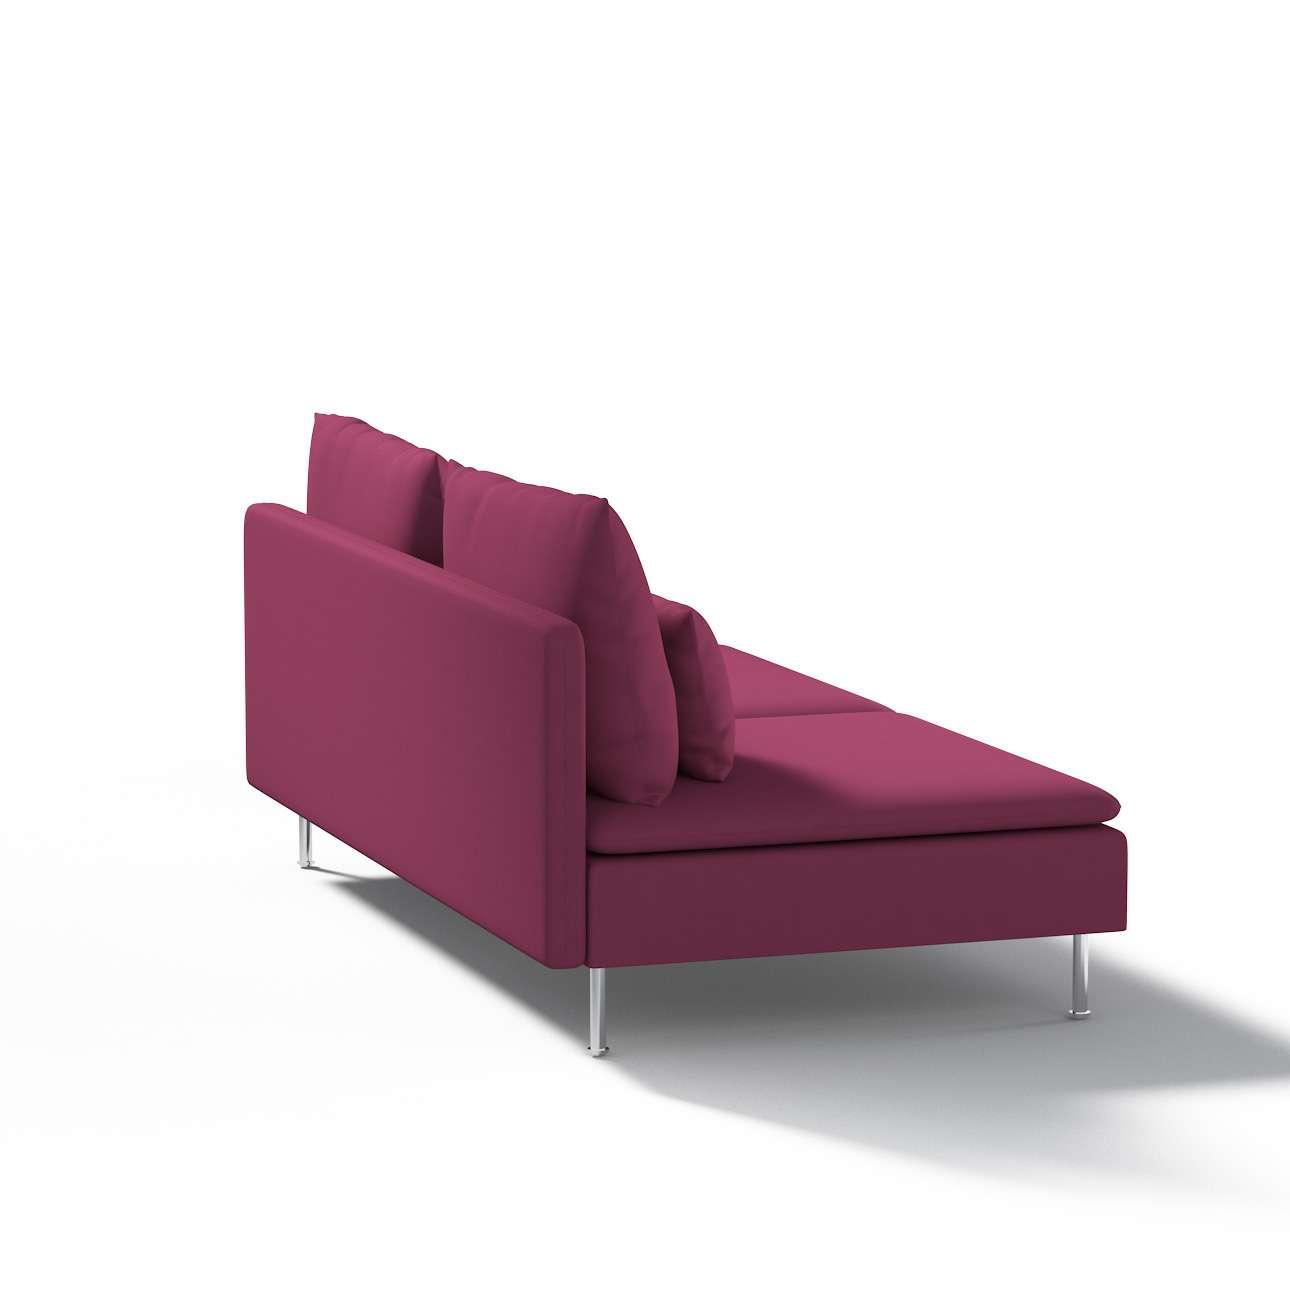 Ikea Söderhamn trivietei sofai užvalkalas Ikea Söderhamn moduliniai trivietei sofai užvalkalas kolekcijoje Cotton Panama, audinys: 702-32